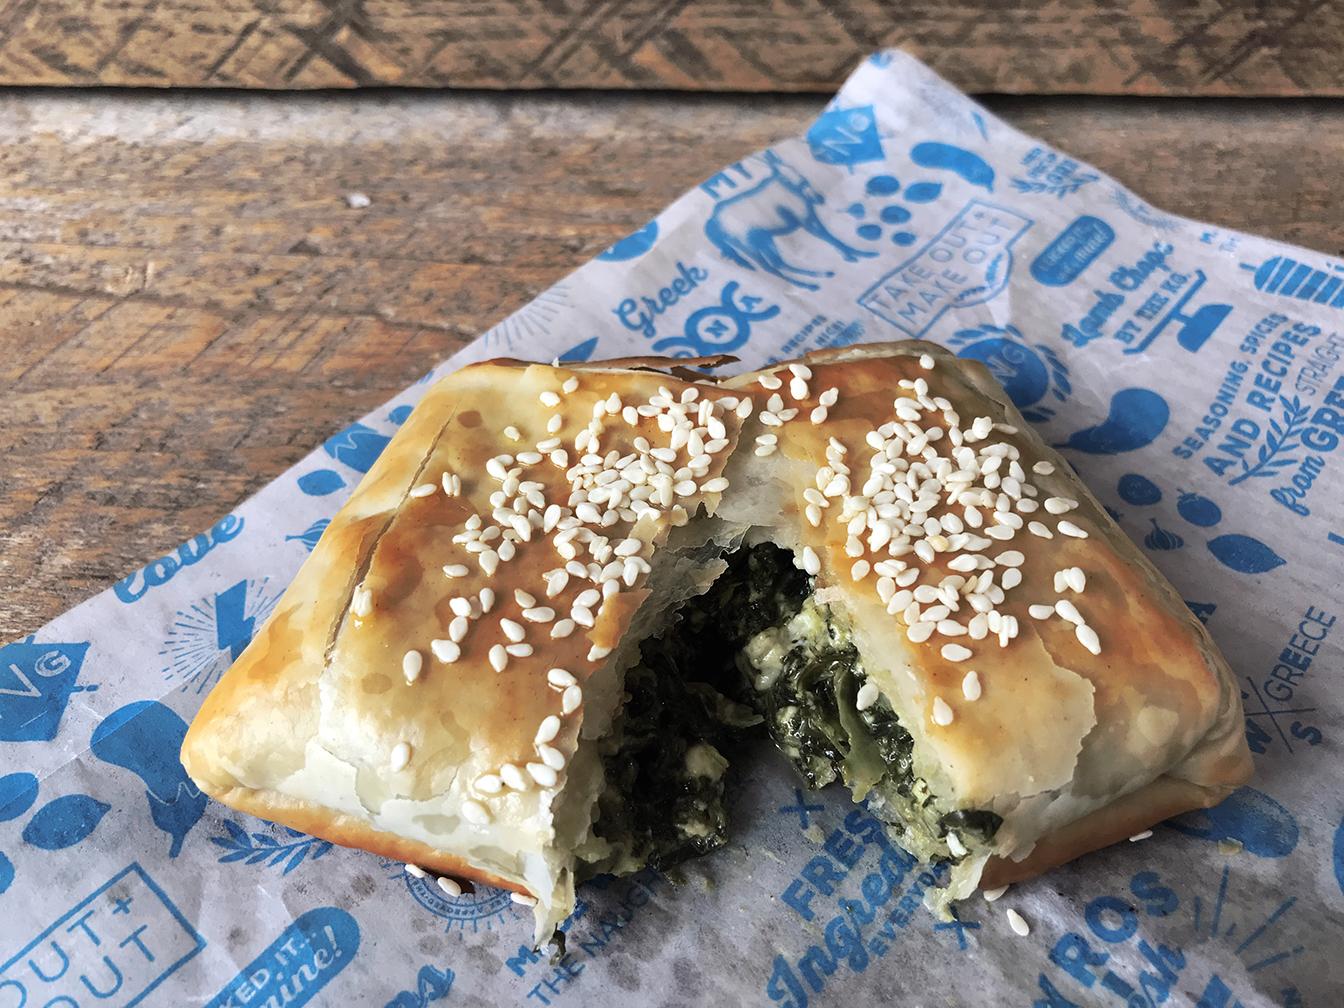 The_Naughty_Greek_Spanakopita_Spinach_Pie_sm.jpg